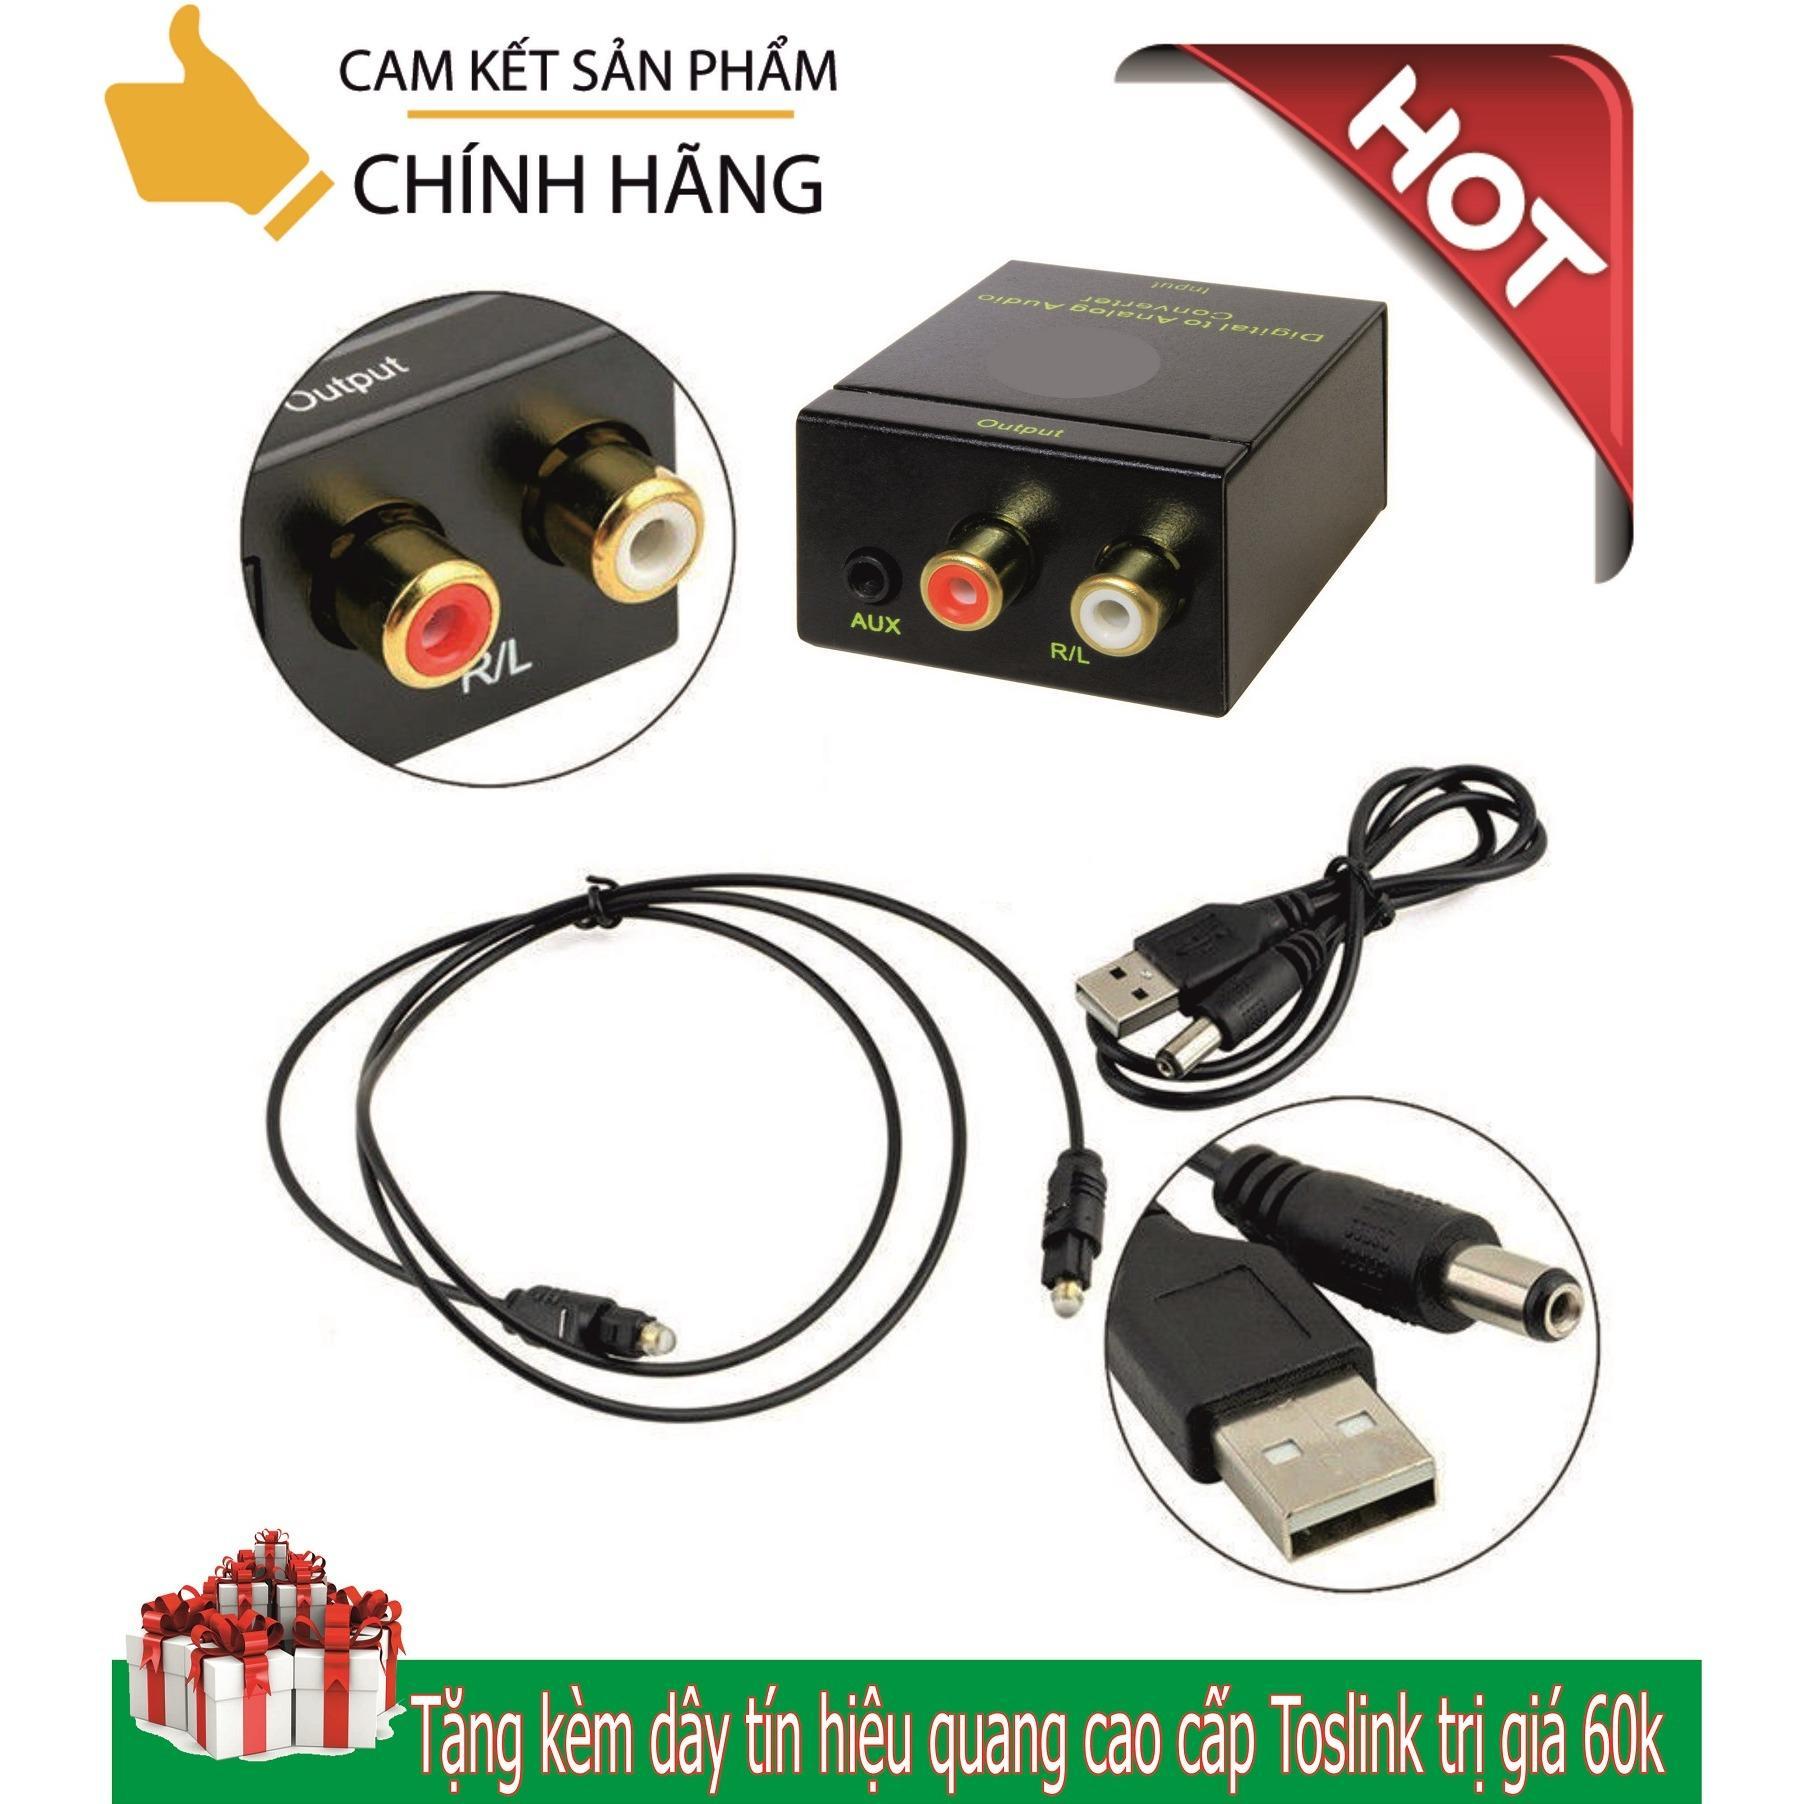 Hình ảnh Thiết bị chuyển đổi âm thanh tivi 4K (Quang học) ra Amply có cổng audio 3.5 dùng nguồn USB âm thanh cực to, tặng kèm dây quang toslink